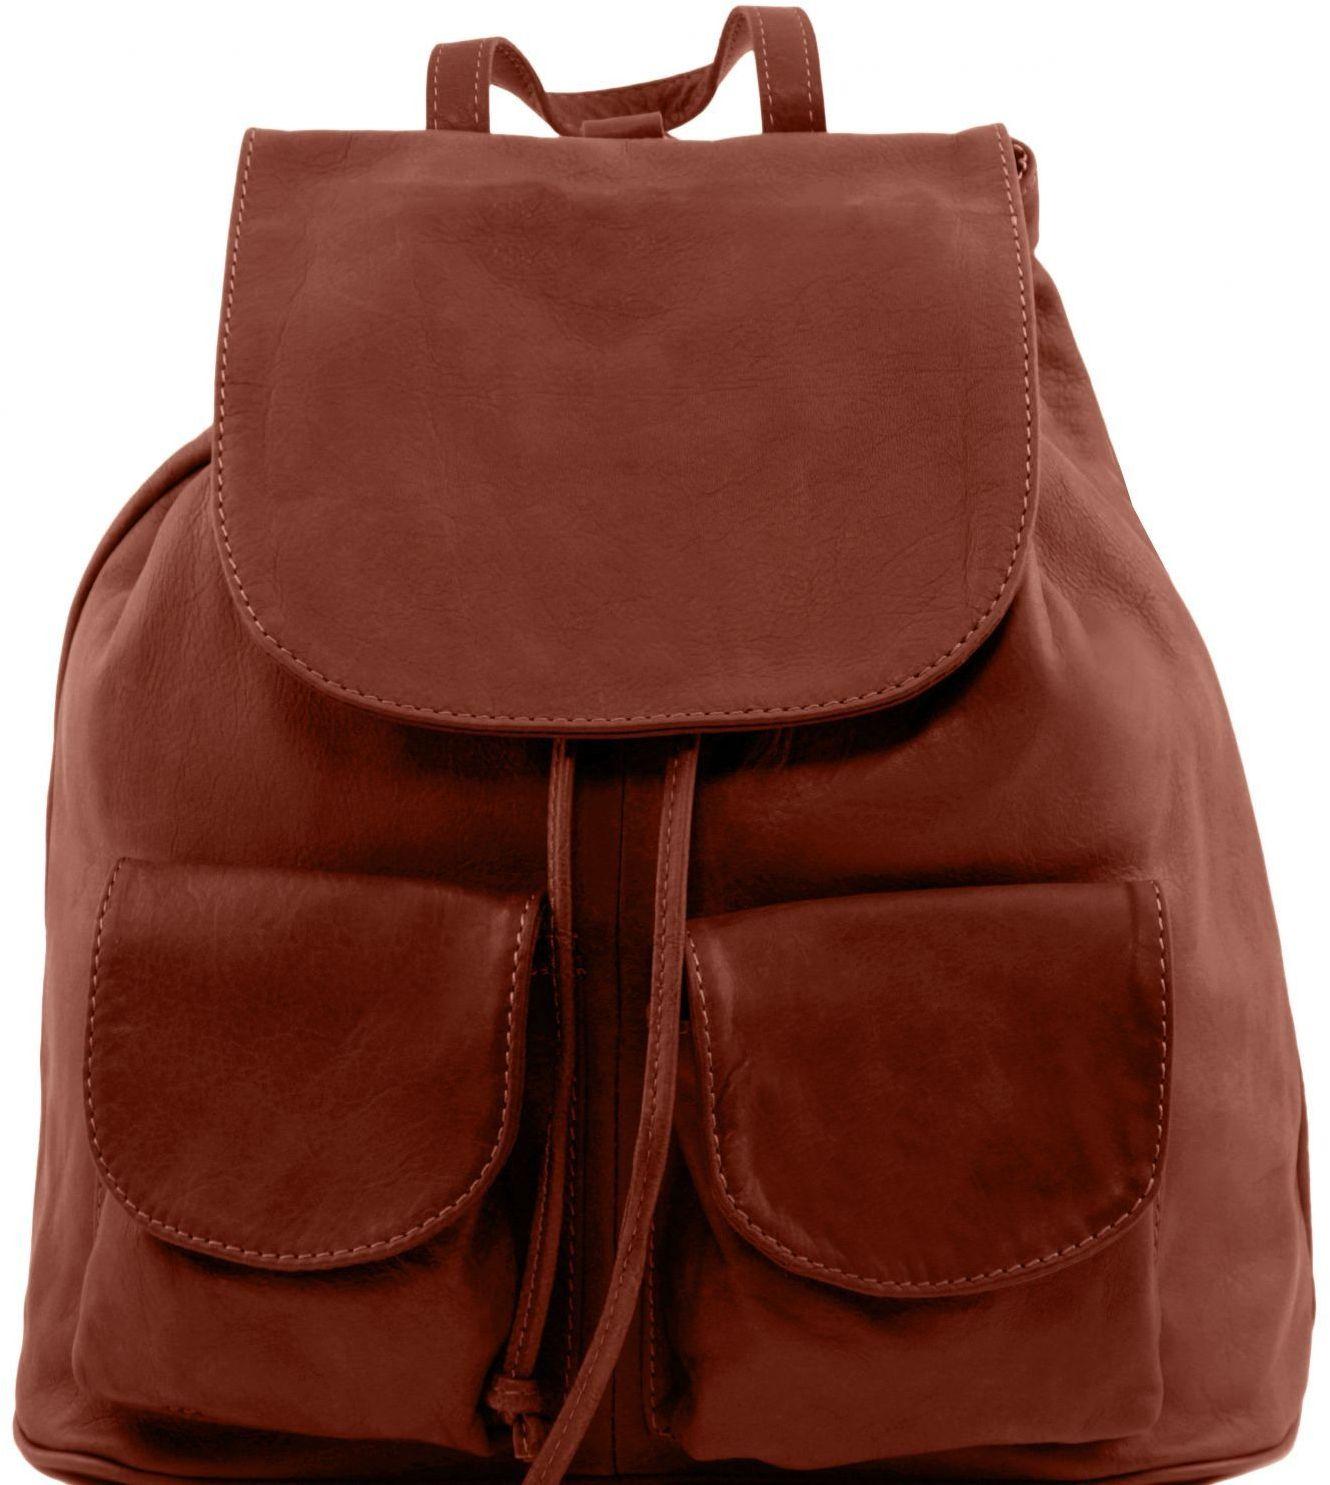 Γυναικεία Τσάντα Δερμάτινη Seoul S Καφέ Tuscany Leather γυναίκα   τσάντες πλάτης